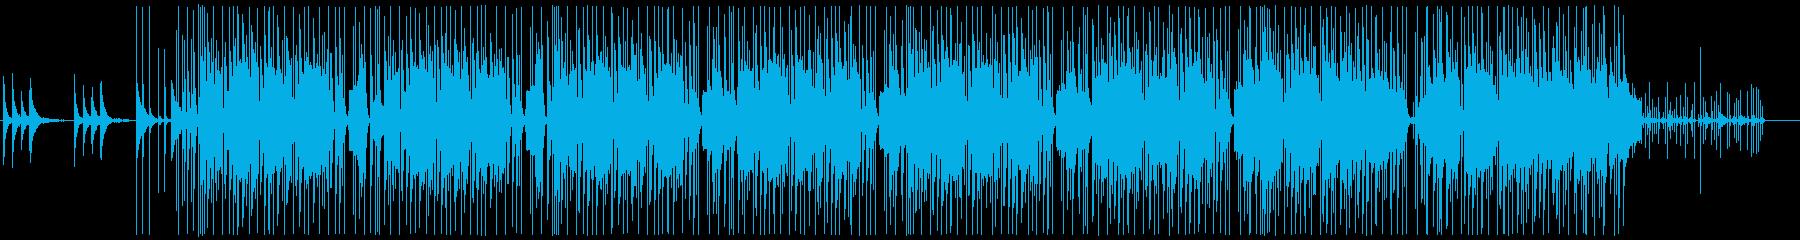 ジングル。電子打楽器。繰り返します。の再生済みの波形